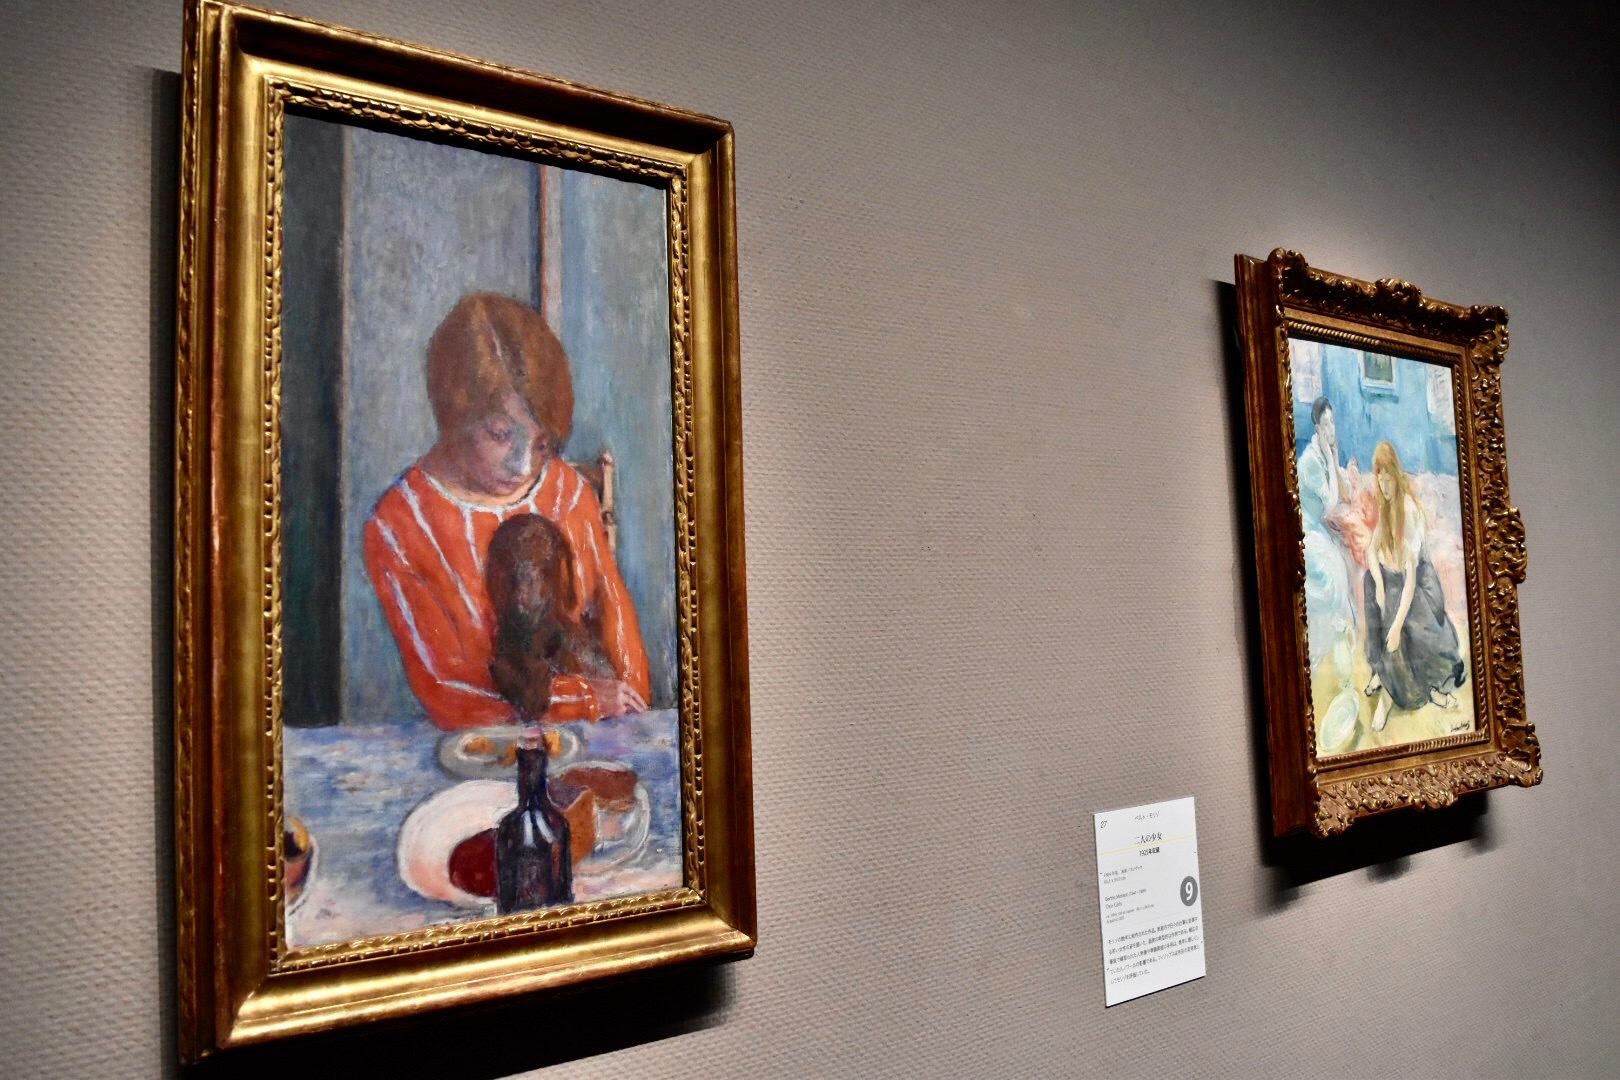 展示風景:左:ピエール・ボナール 《犬を抱く女》 1922年 右奥:ベルト・モリゾ 《二人の少女》 1894年頃